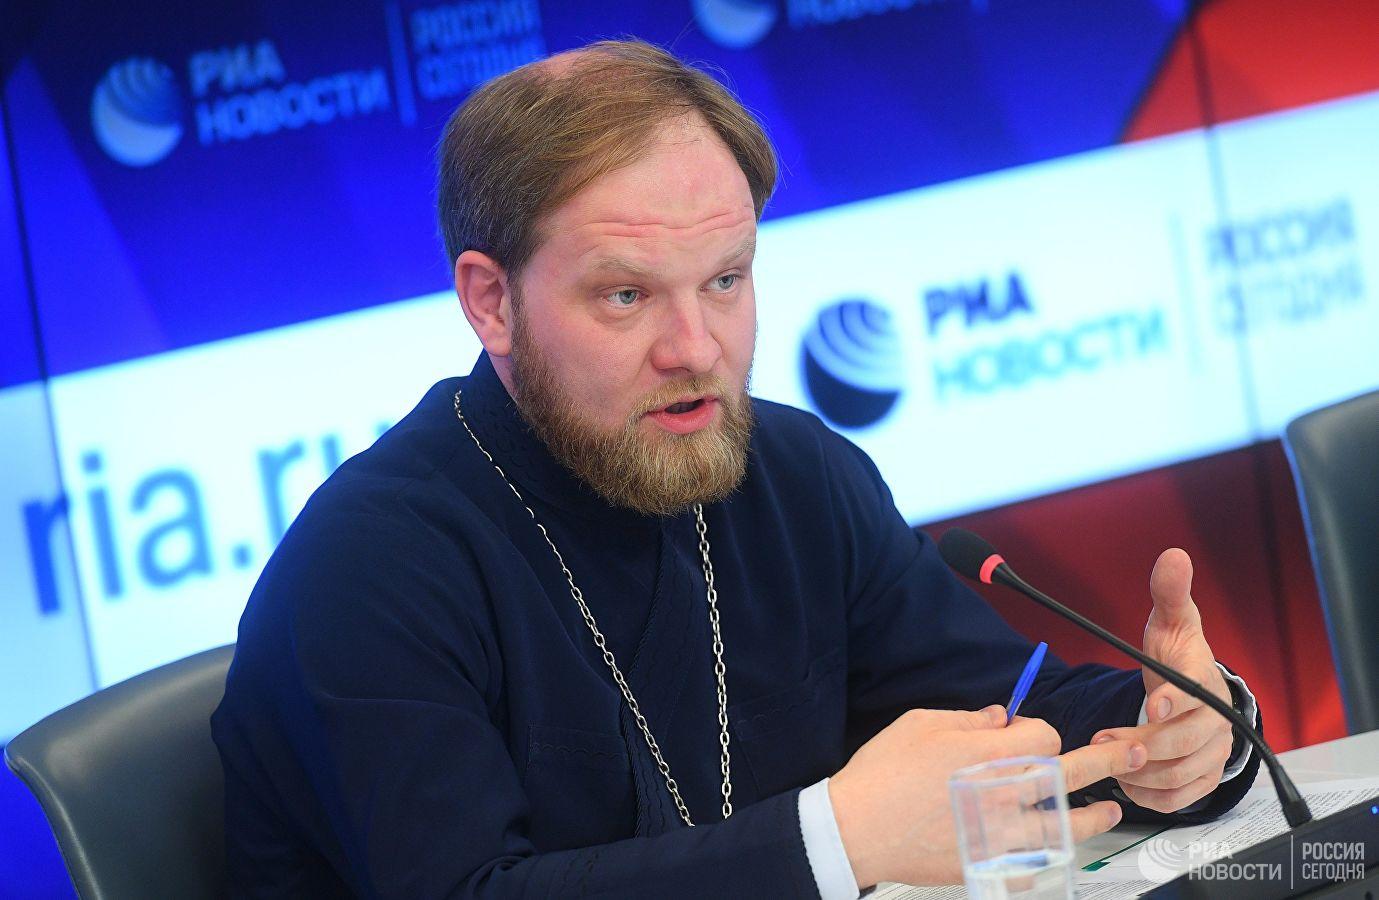 Основы православной культуры изучают около 40% российских школьников